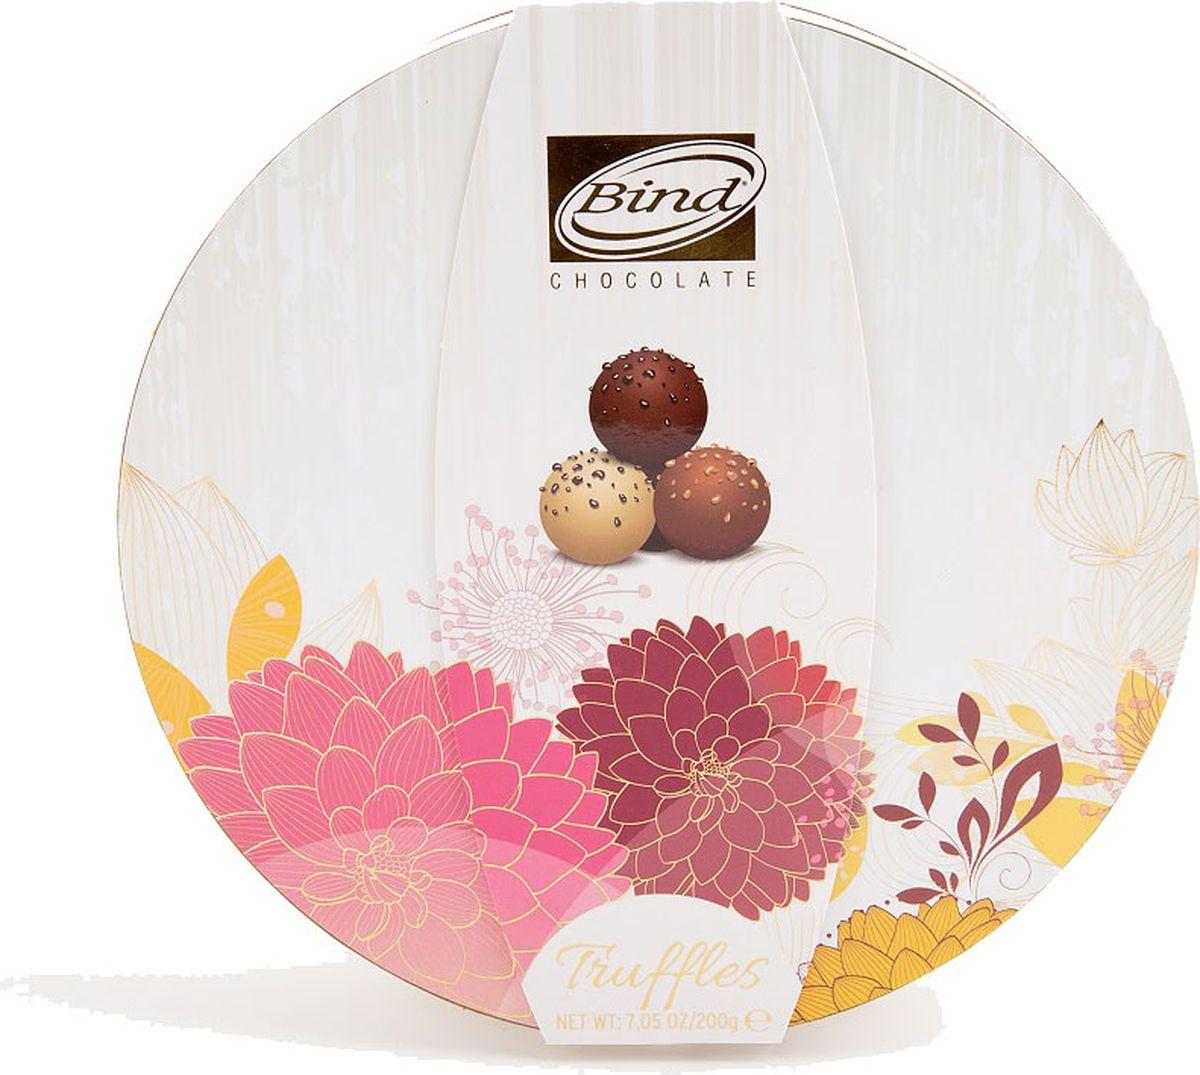 Bind Трюфель набор шоколадных конфет, 200 г mieszko михашки с арахисом набор шоколадных конфет 220 г